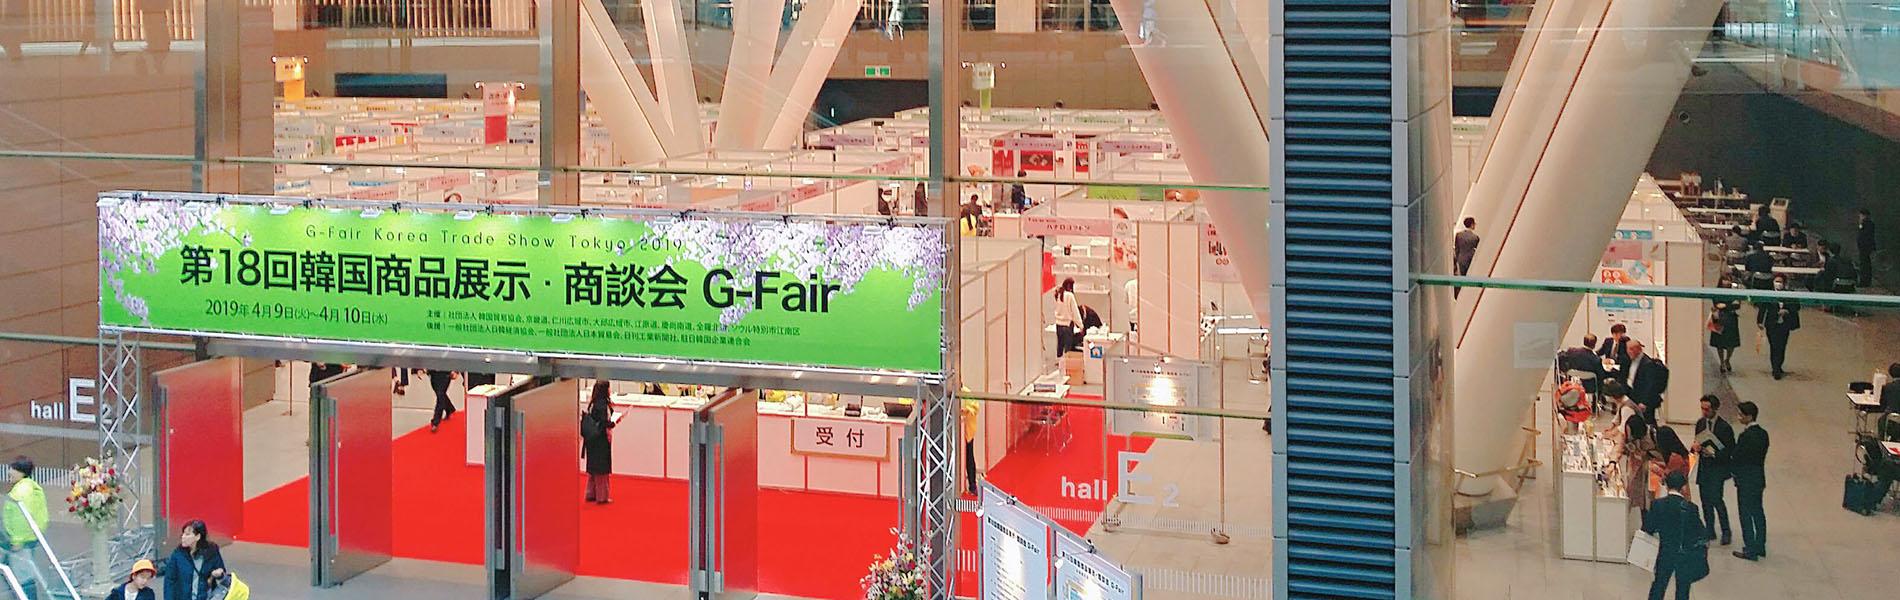 韓国商品展示商談会